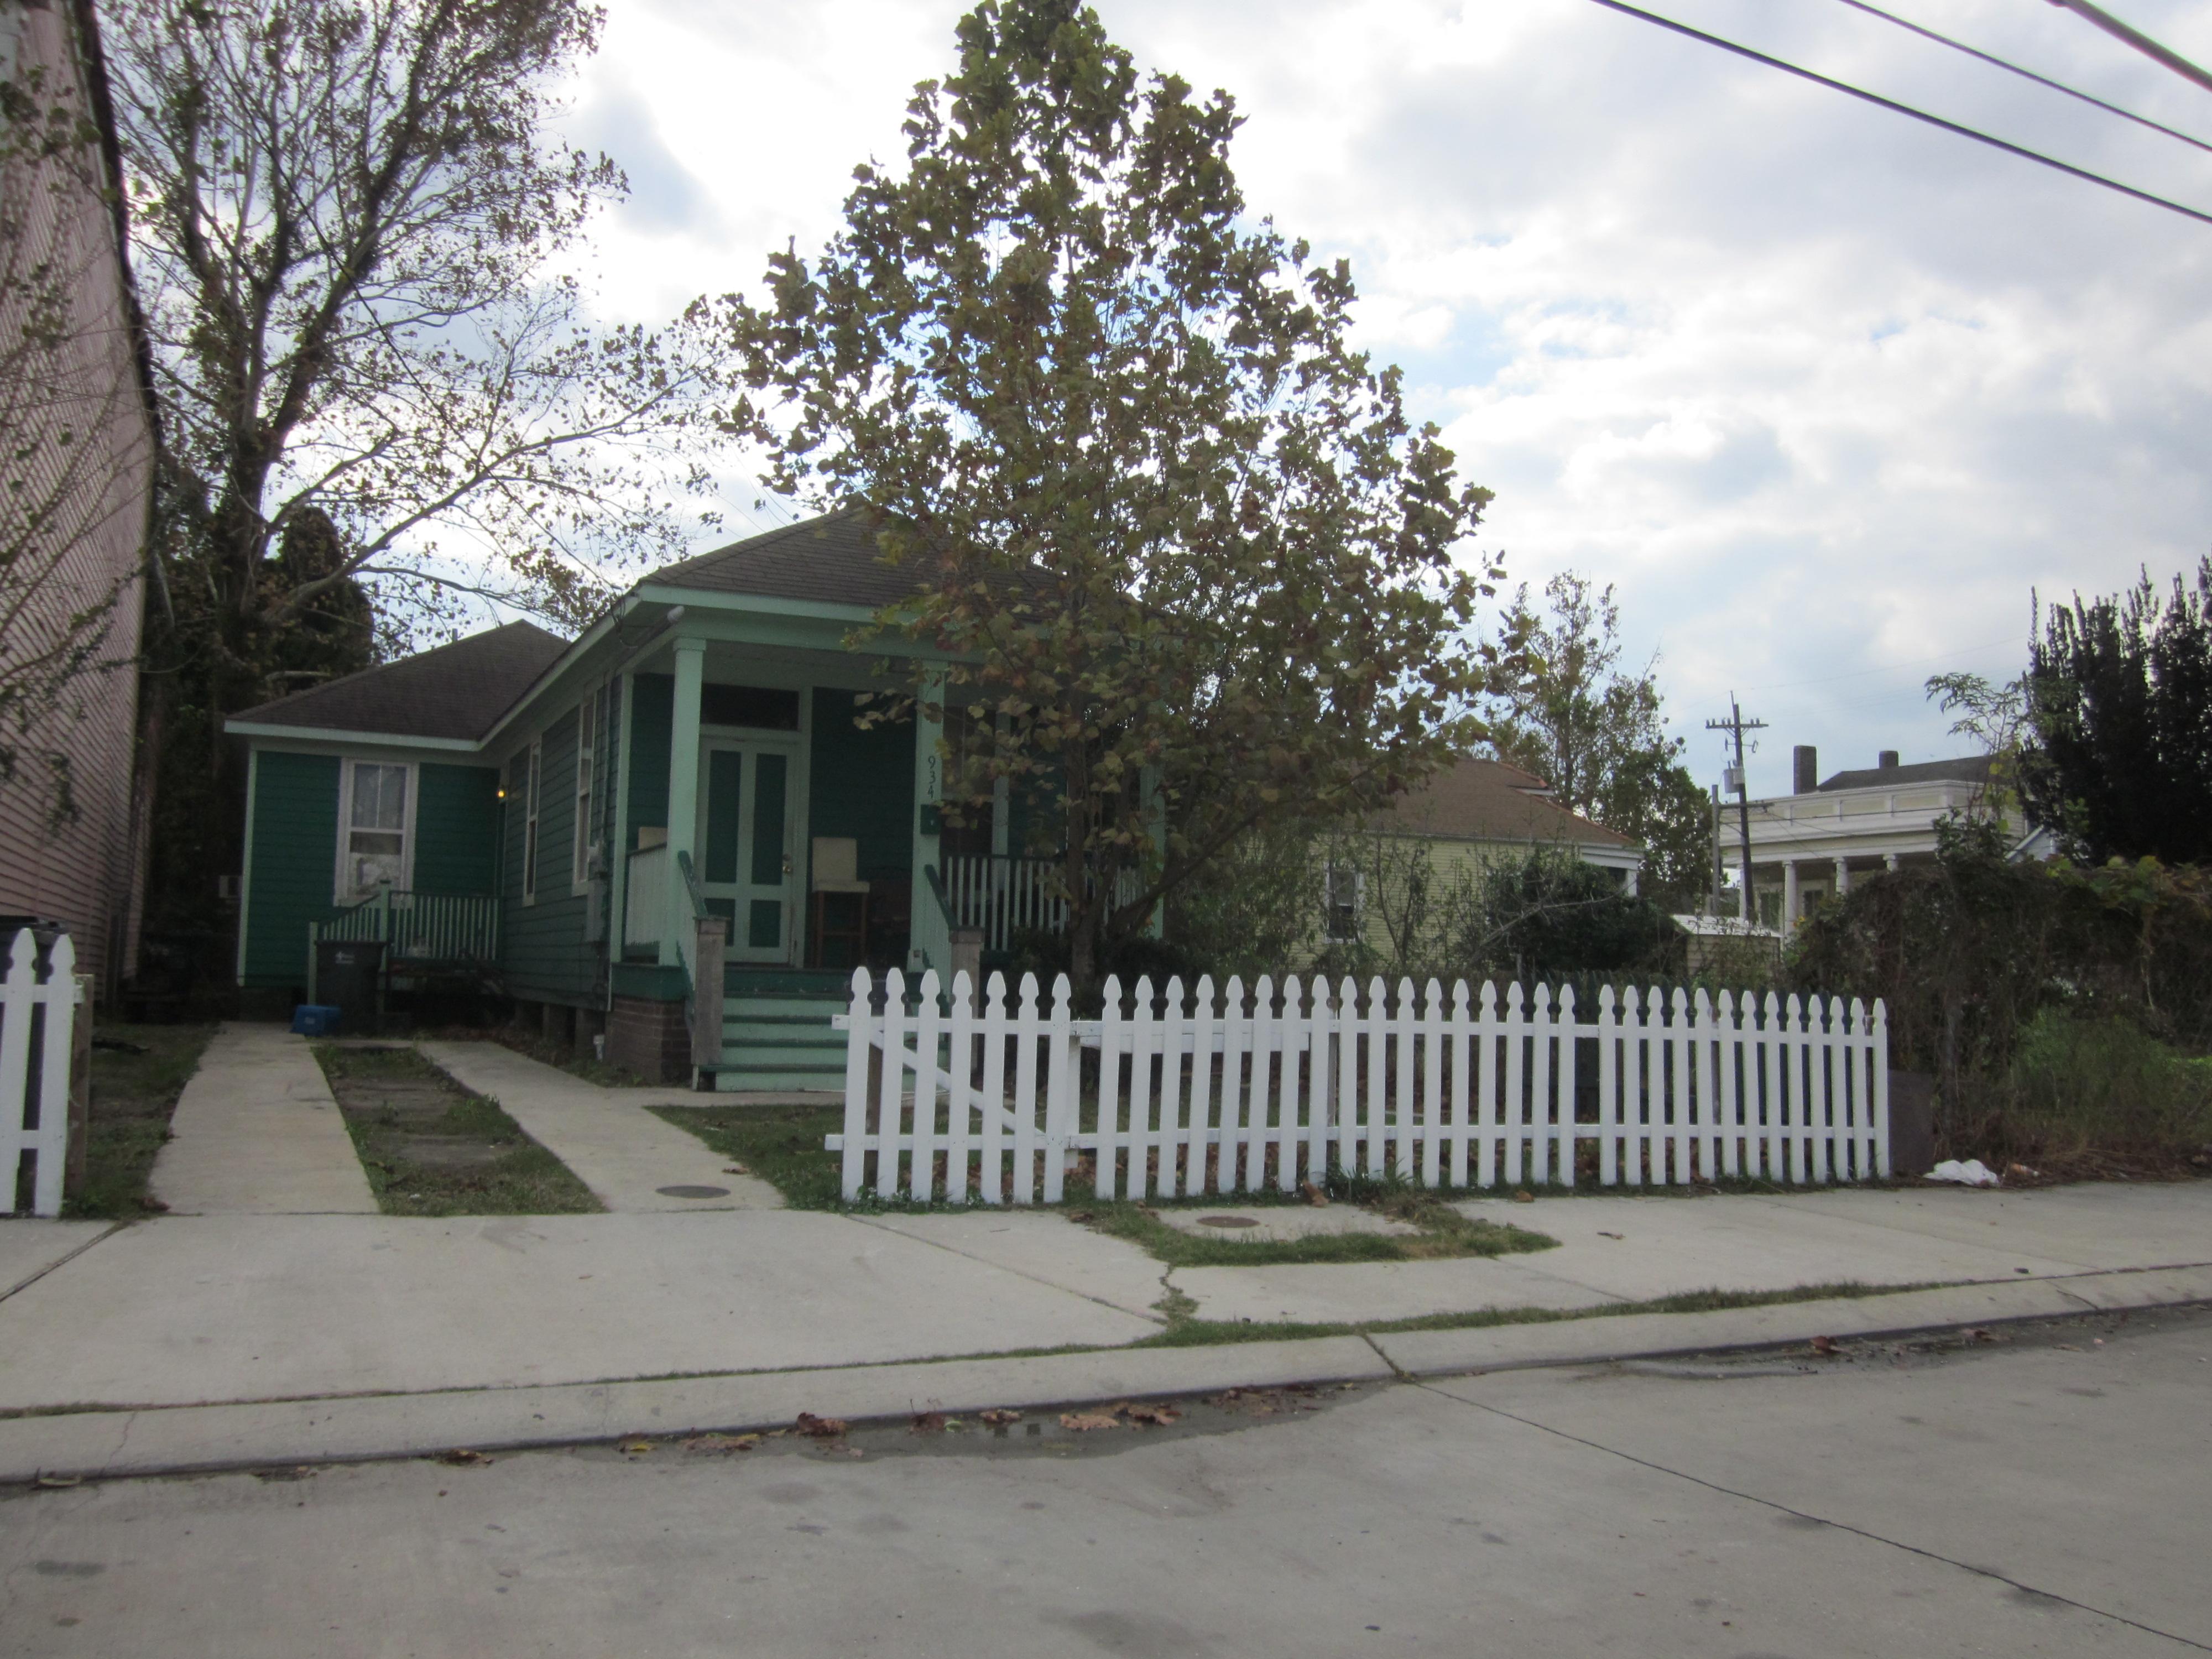 file melpomene picket fence house wikimedia mons